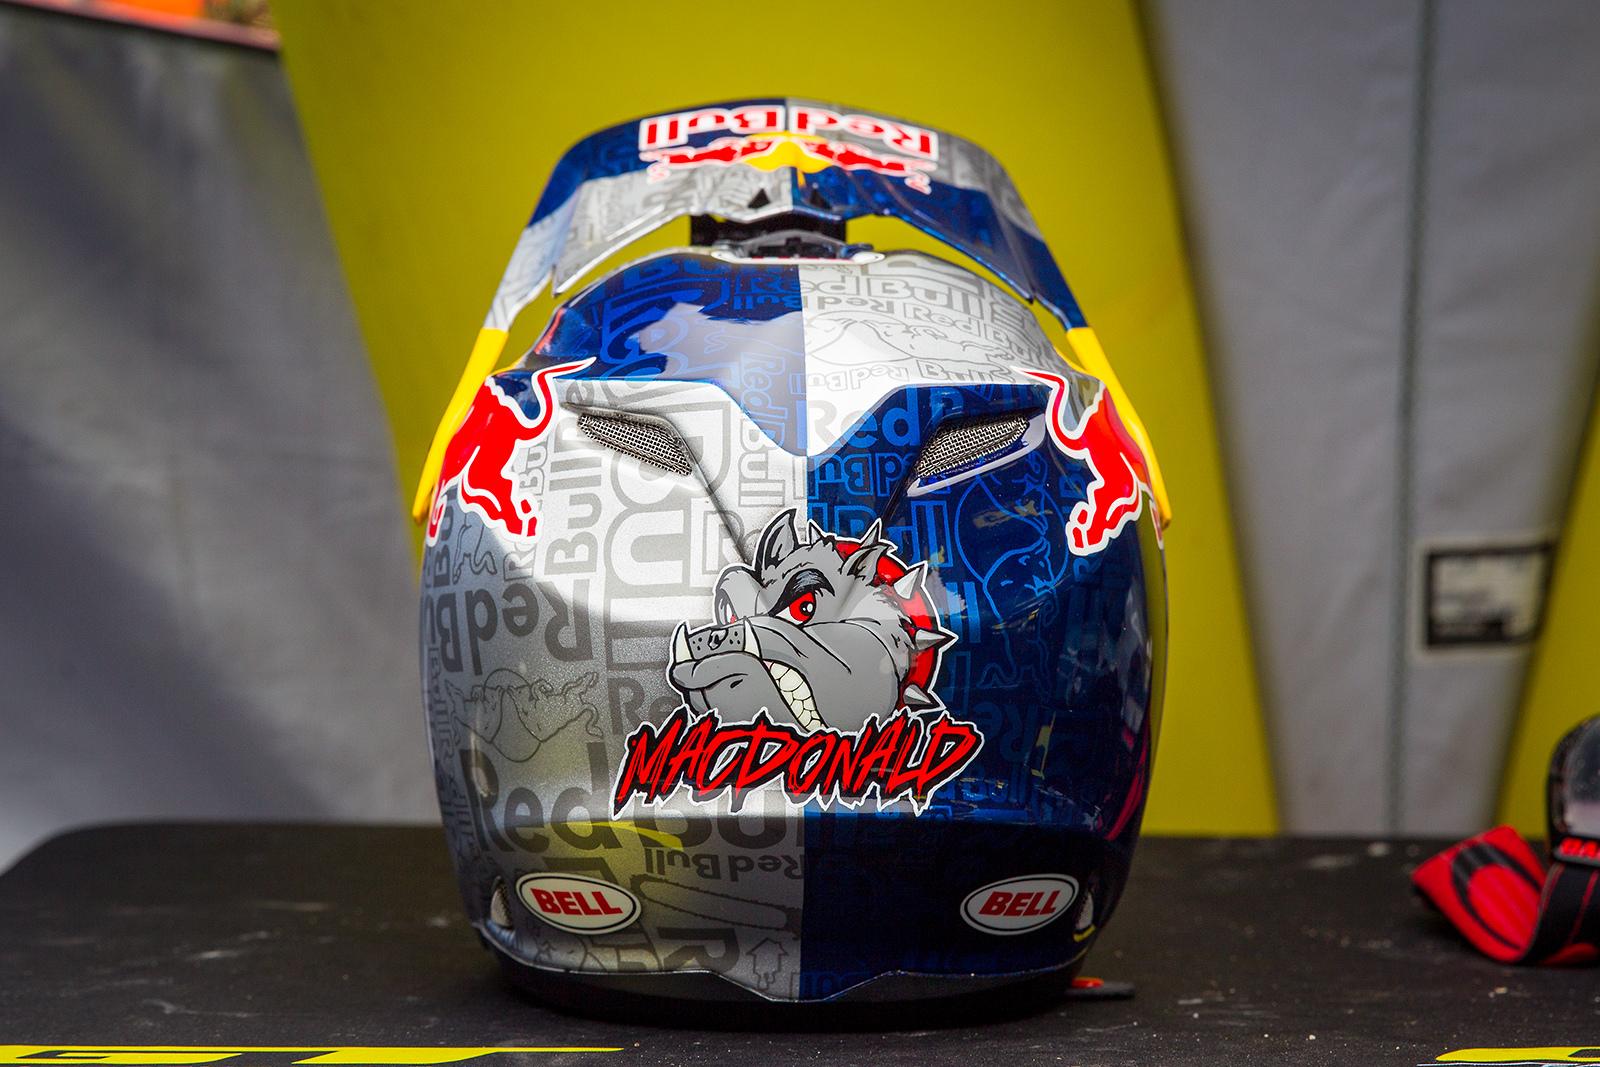 Helmet Feature